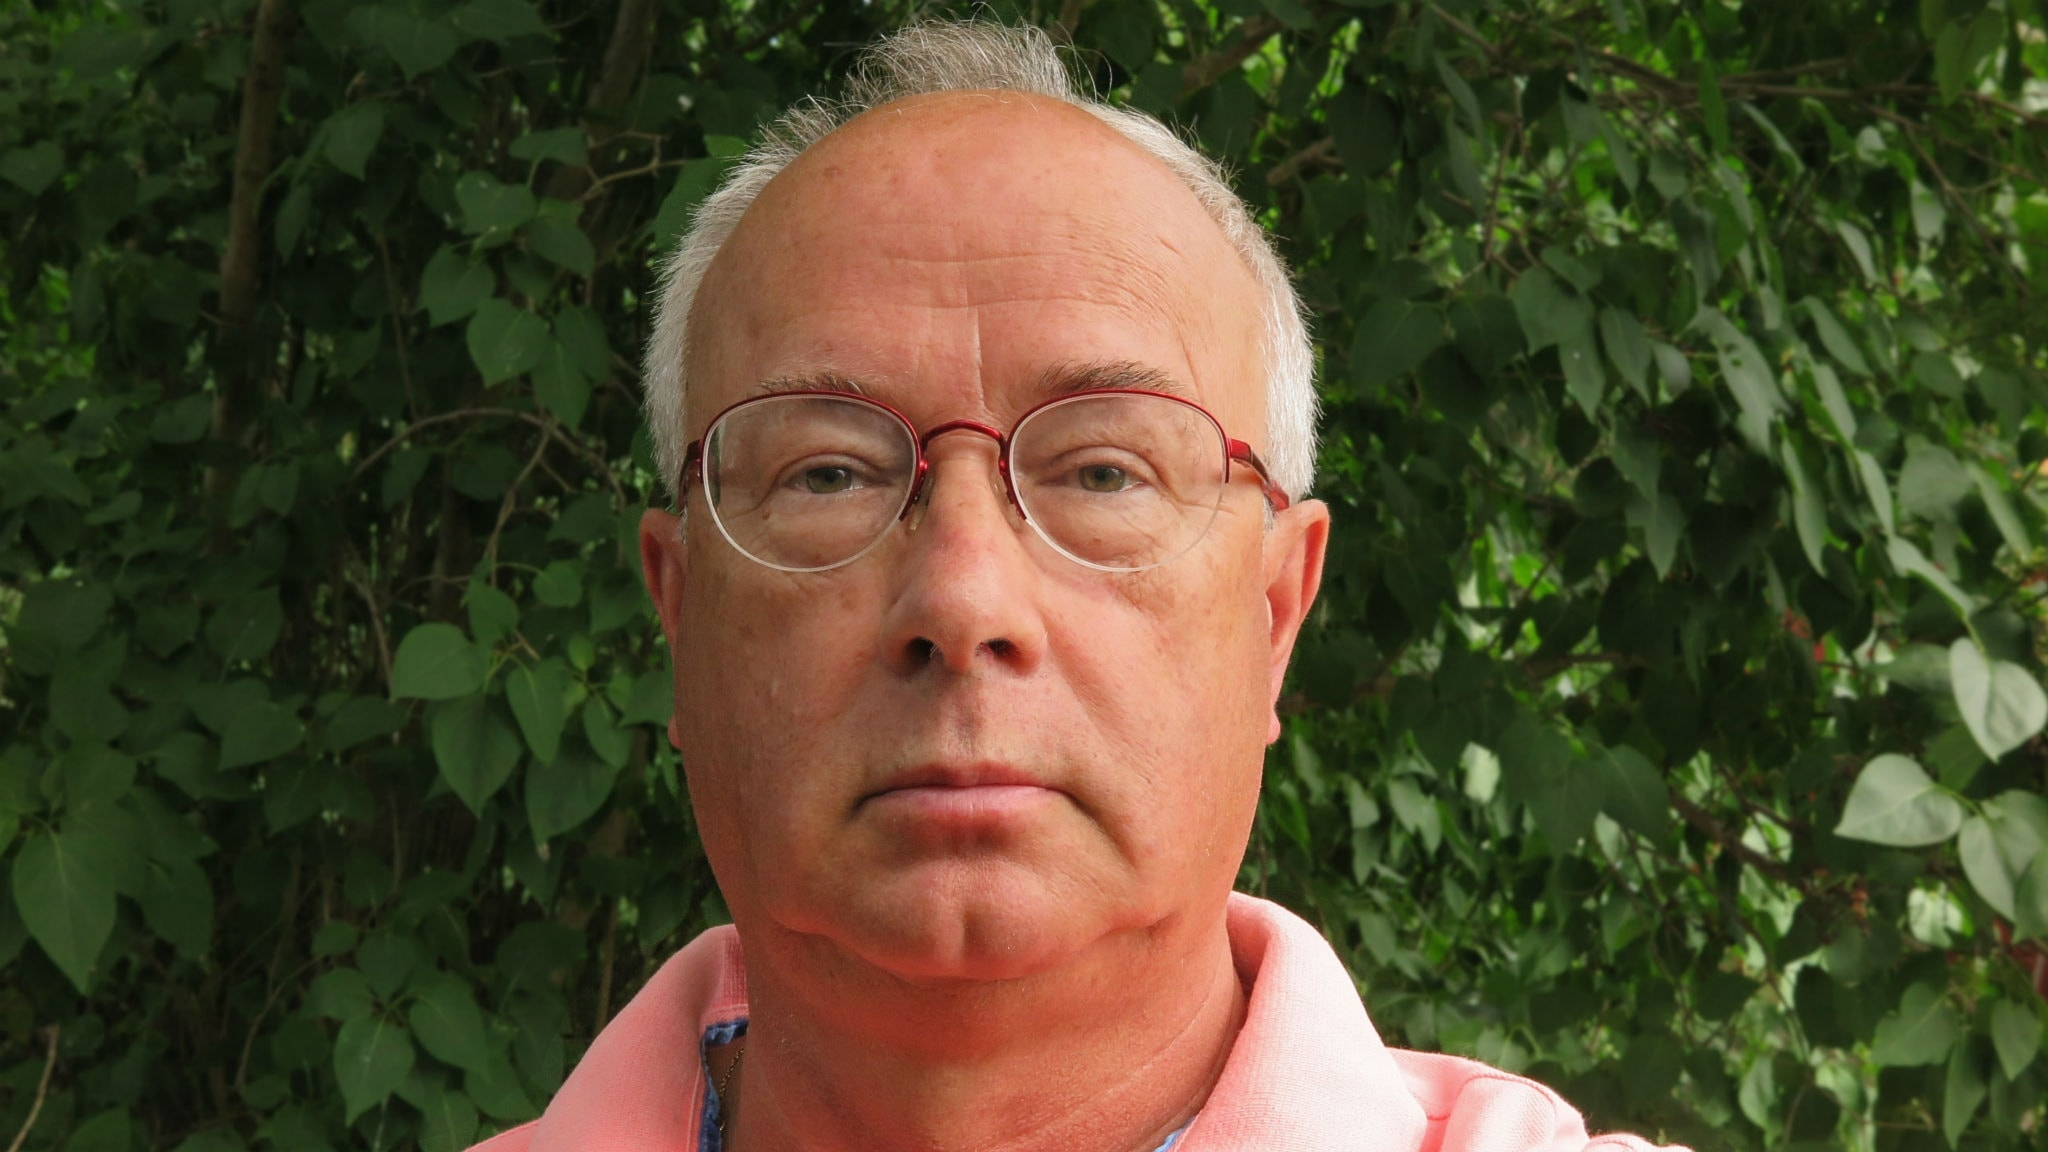 Svante Bäck